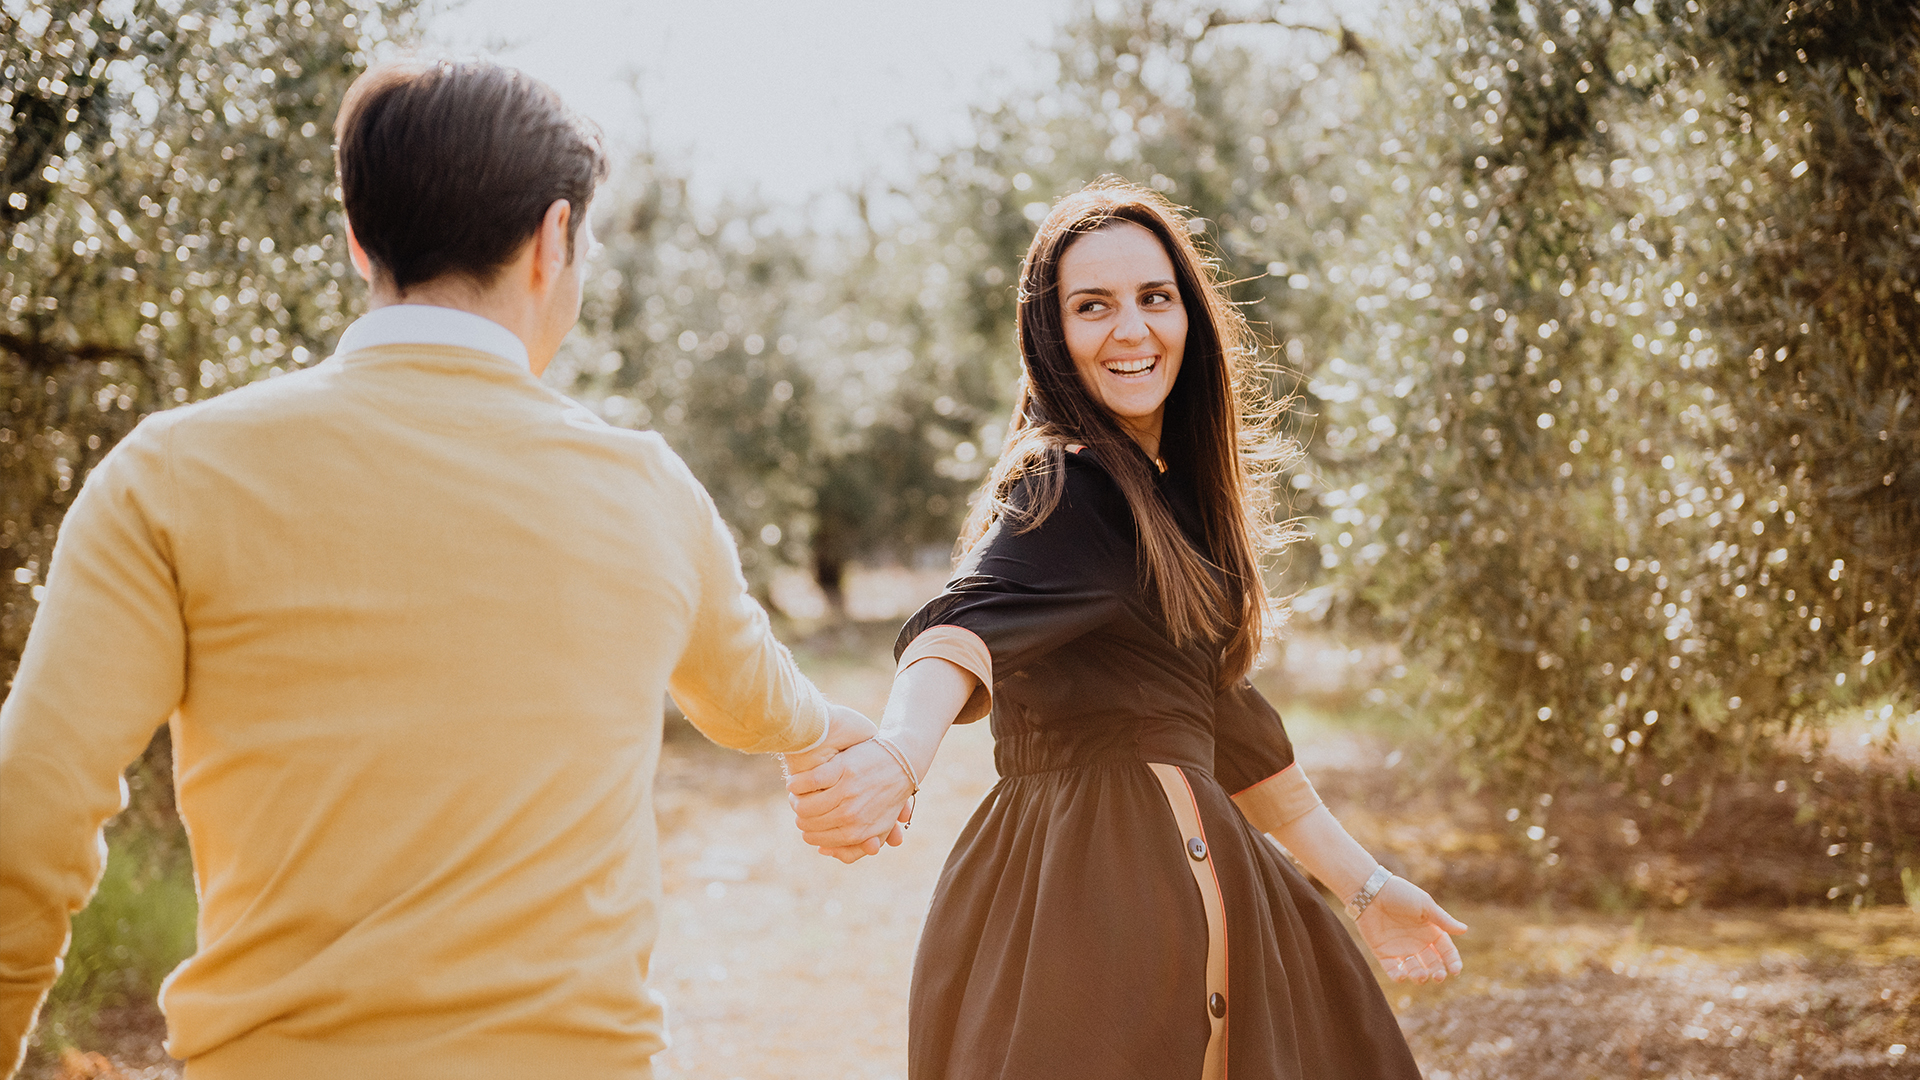 non c'è pace tra gli ulivi - italian engagement shoot - servizio fotografico di coppia - servizio prematrimoniale Fondi - wedding fotographer - Fotografo di matrimonio Lazio